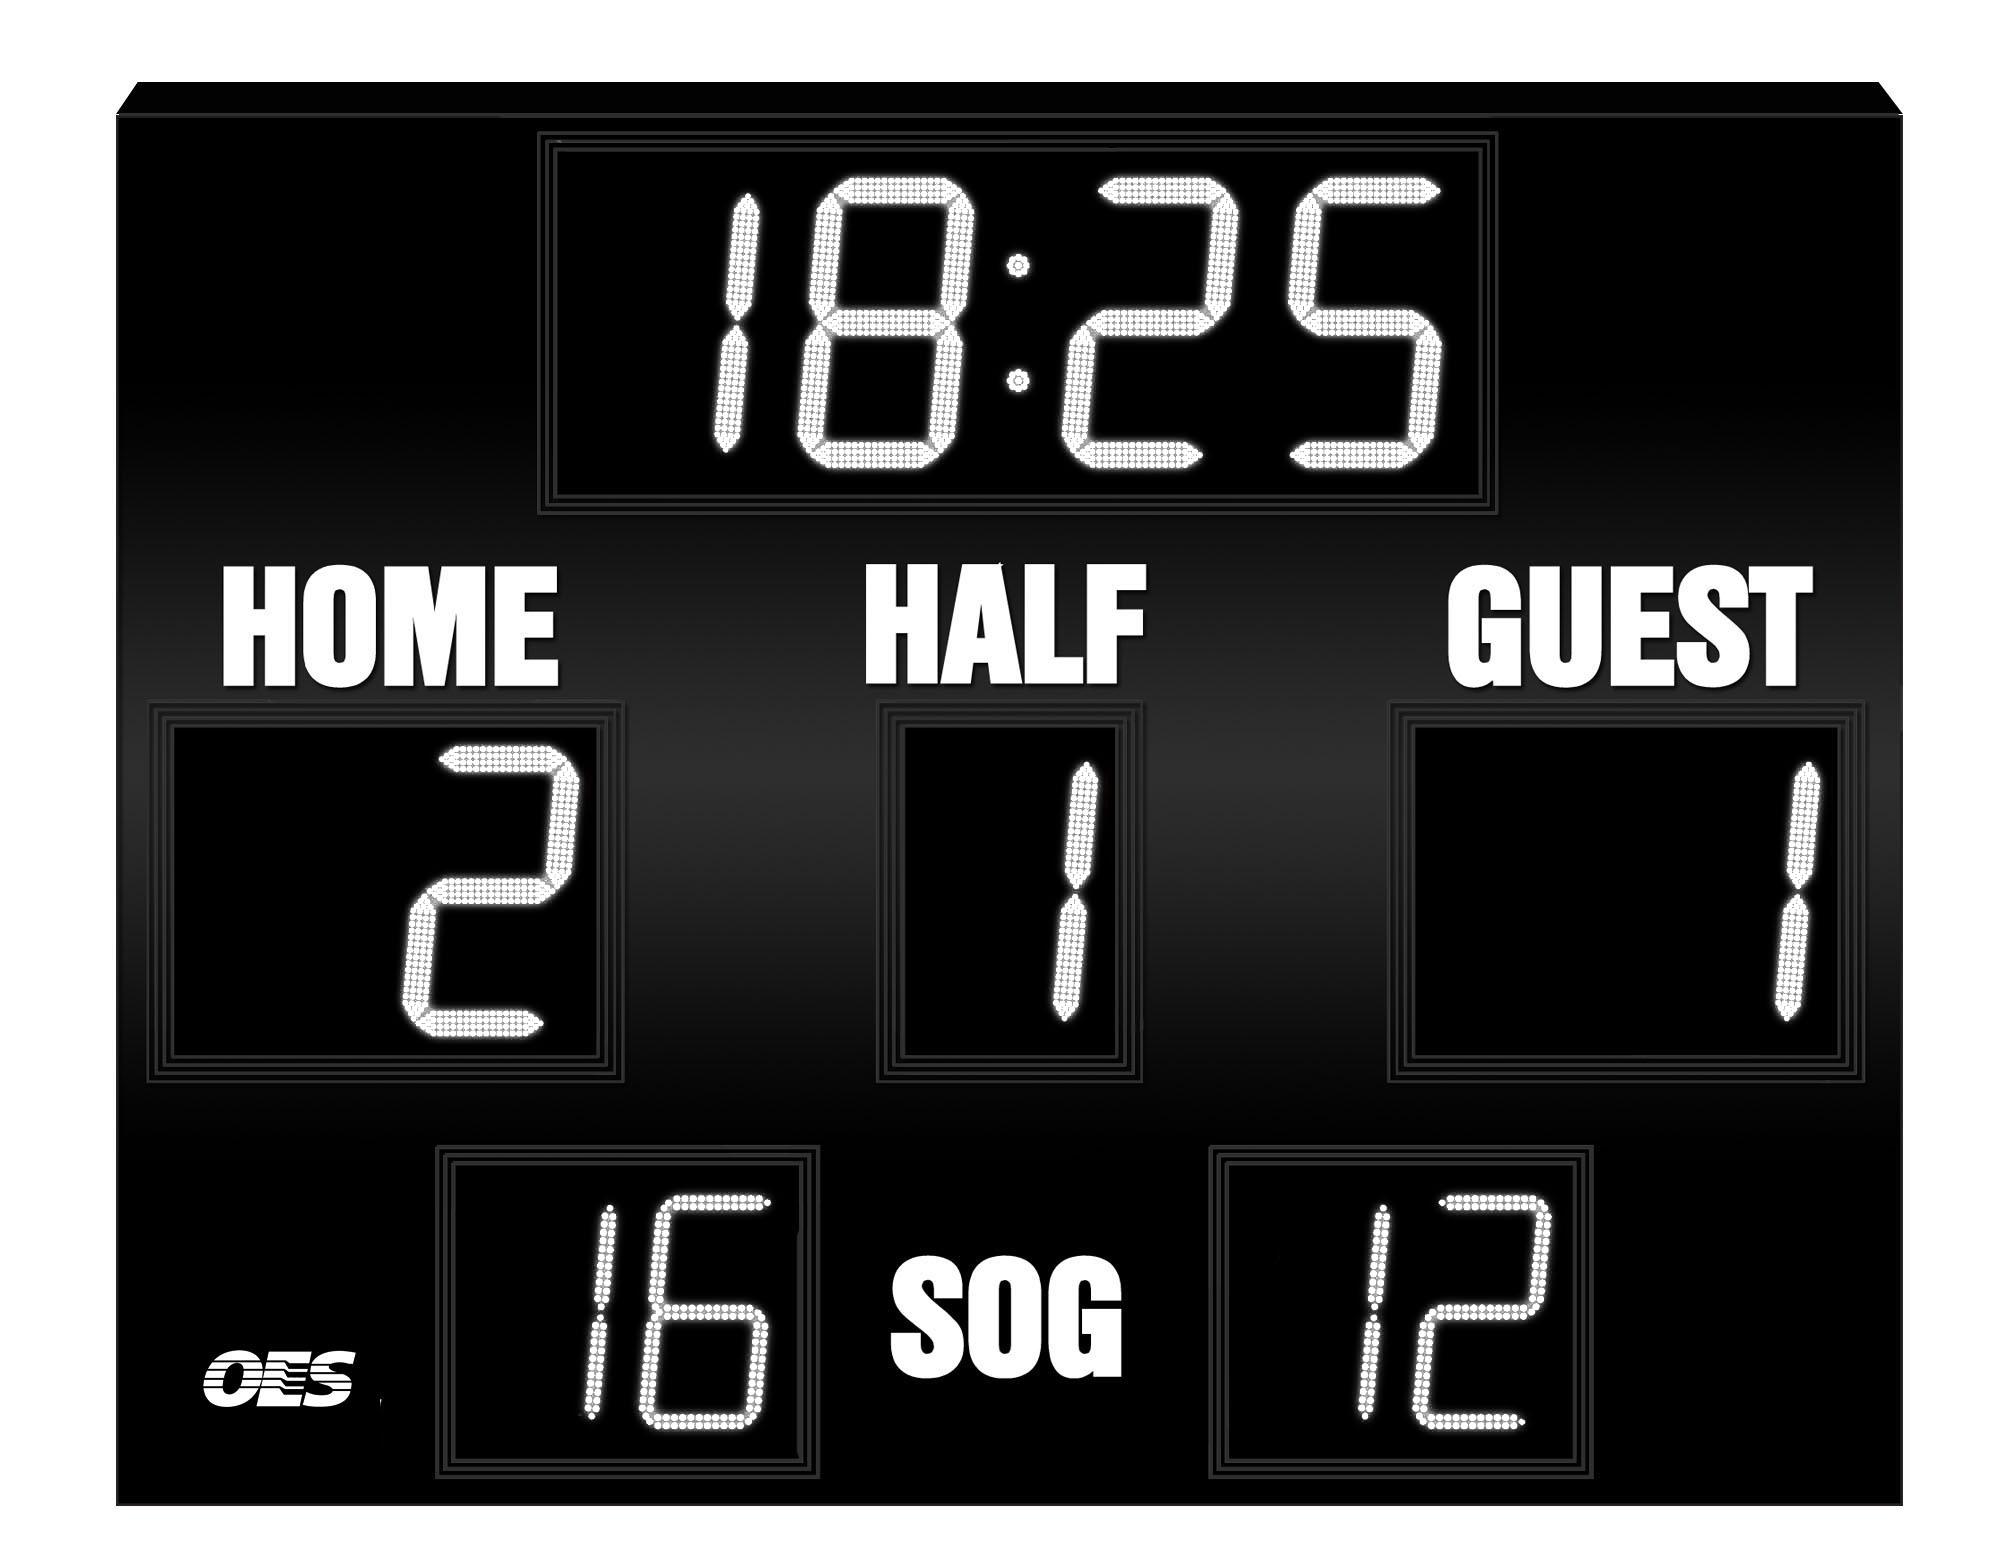 Soccer scoreboard clipart.